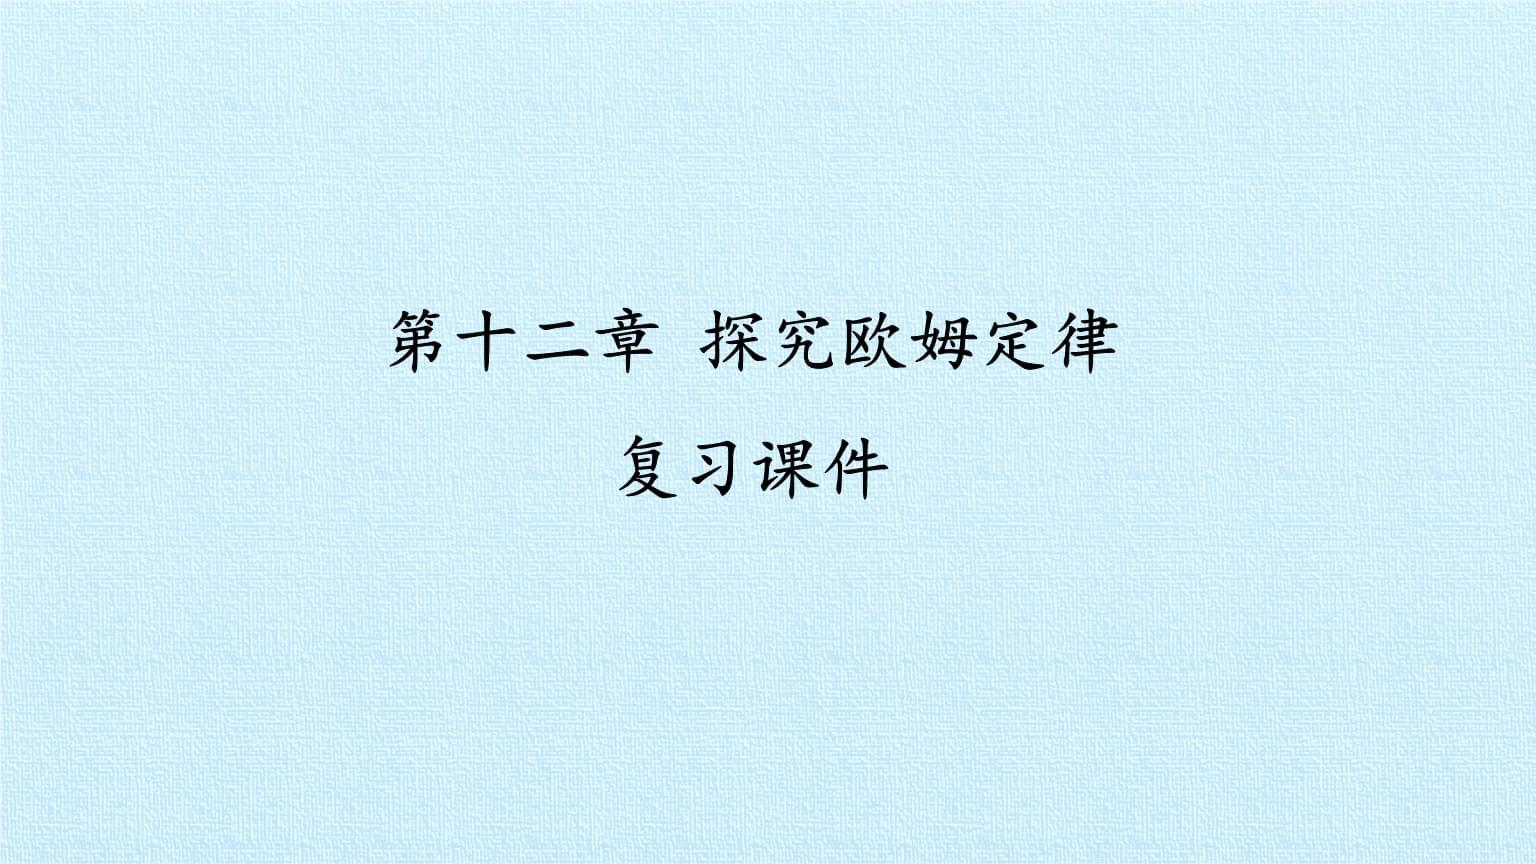 沪粤版九年级物理上册:第十二章探究欧姆定律复习.pptx